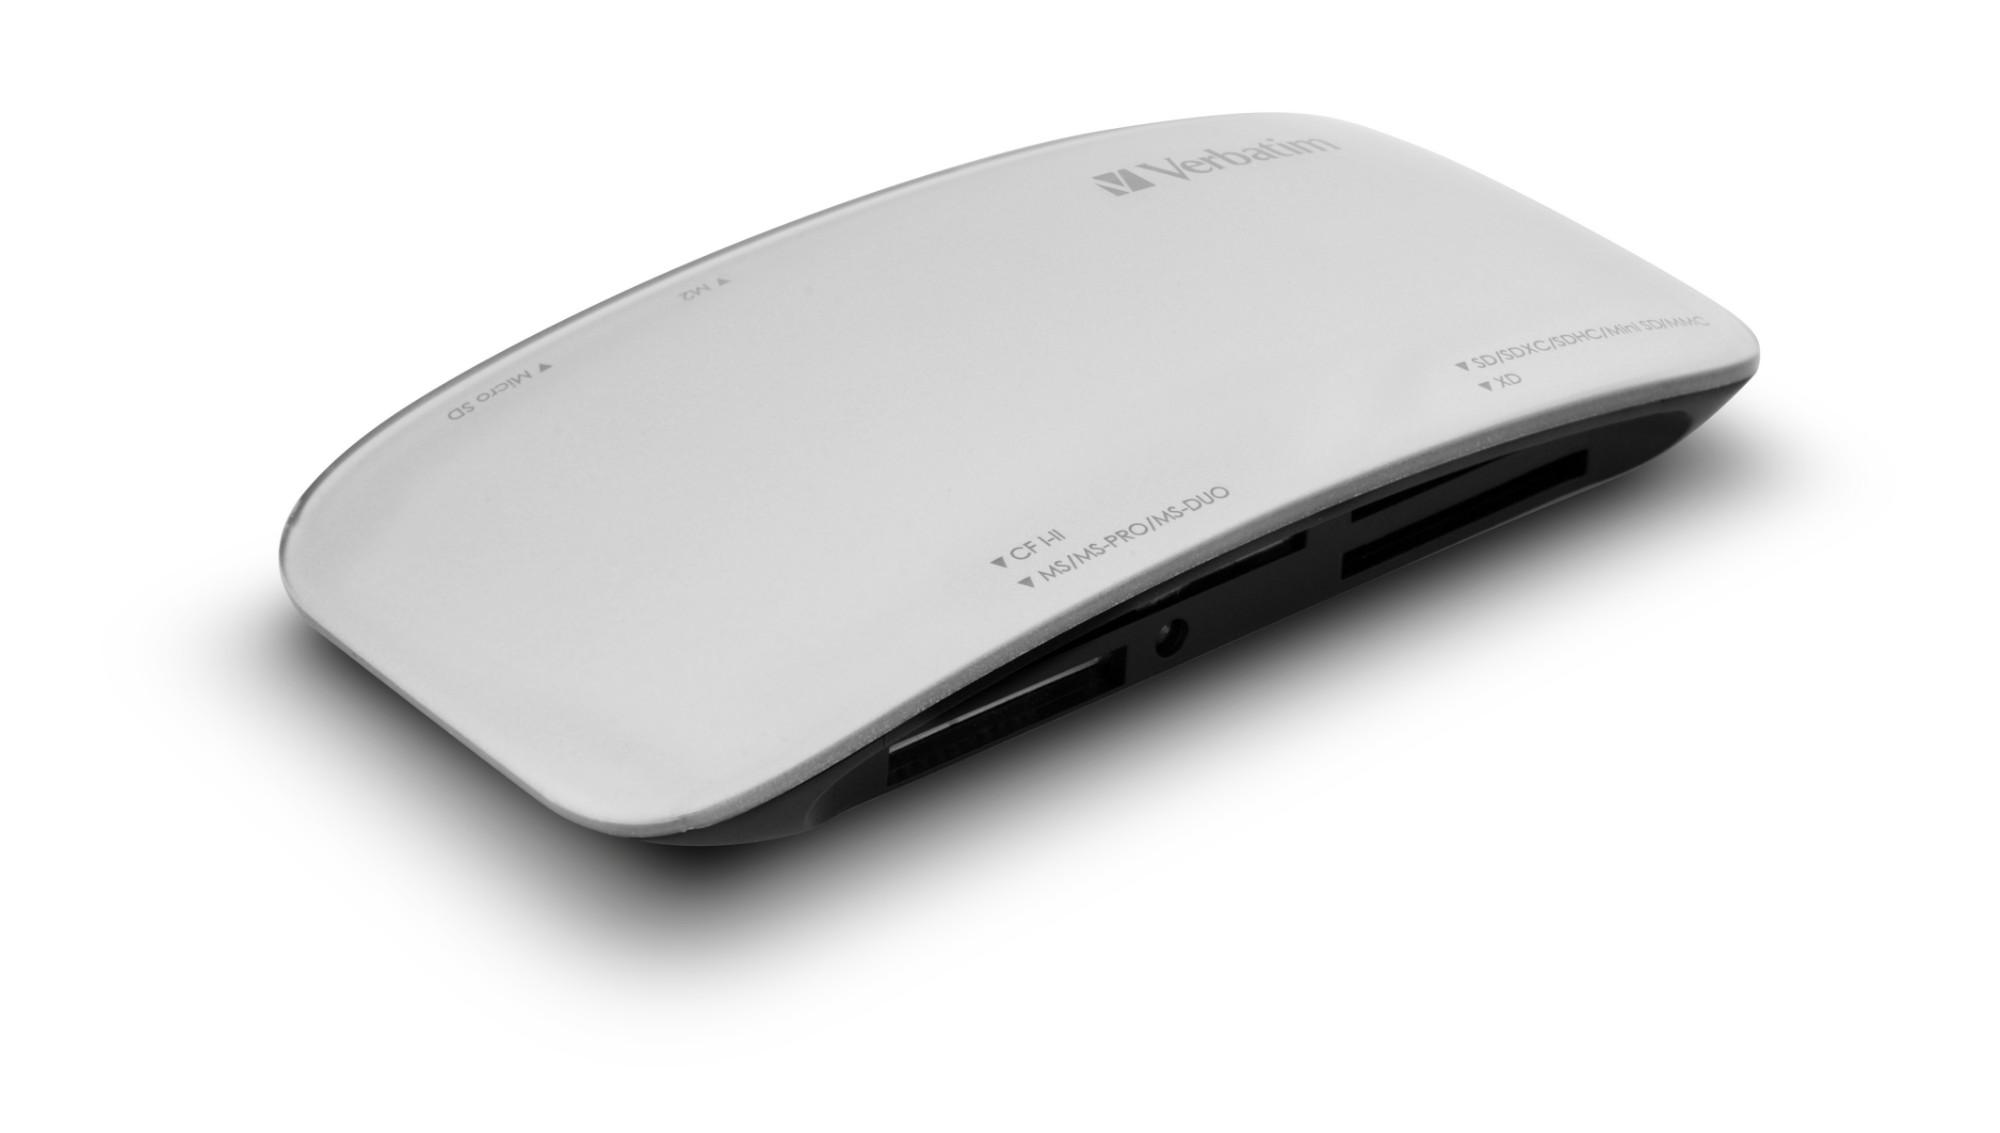 Verbatim USB 3.0 Universal Memory Card Reader